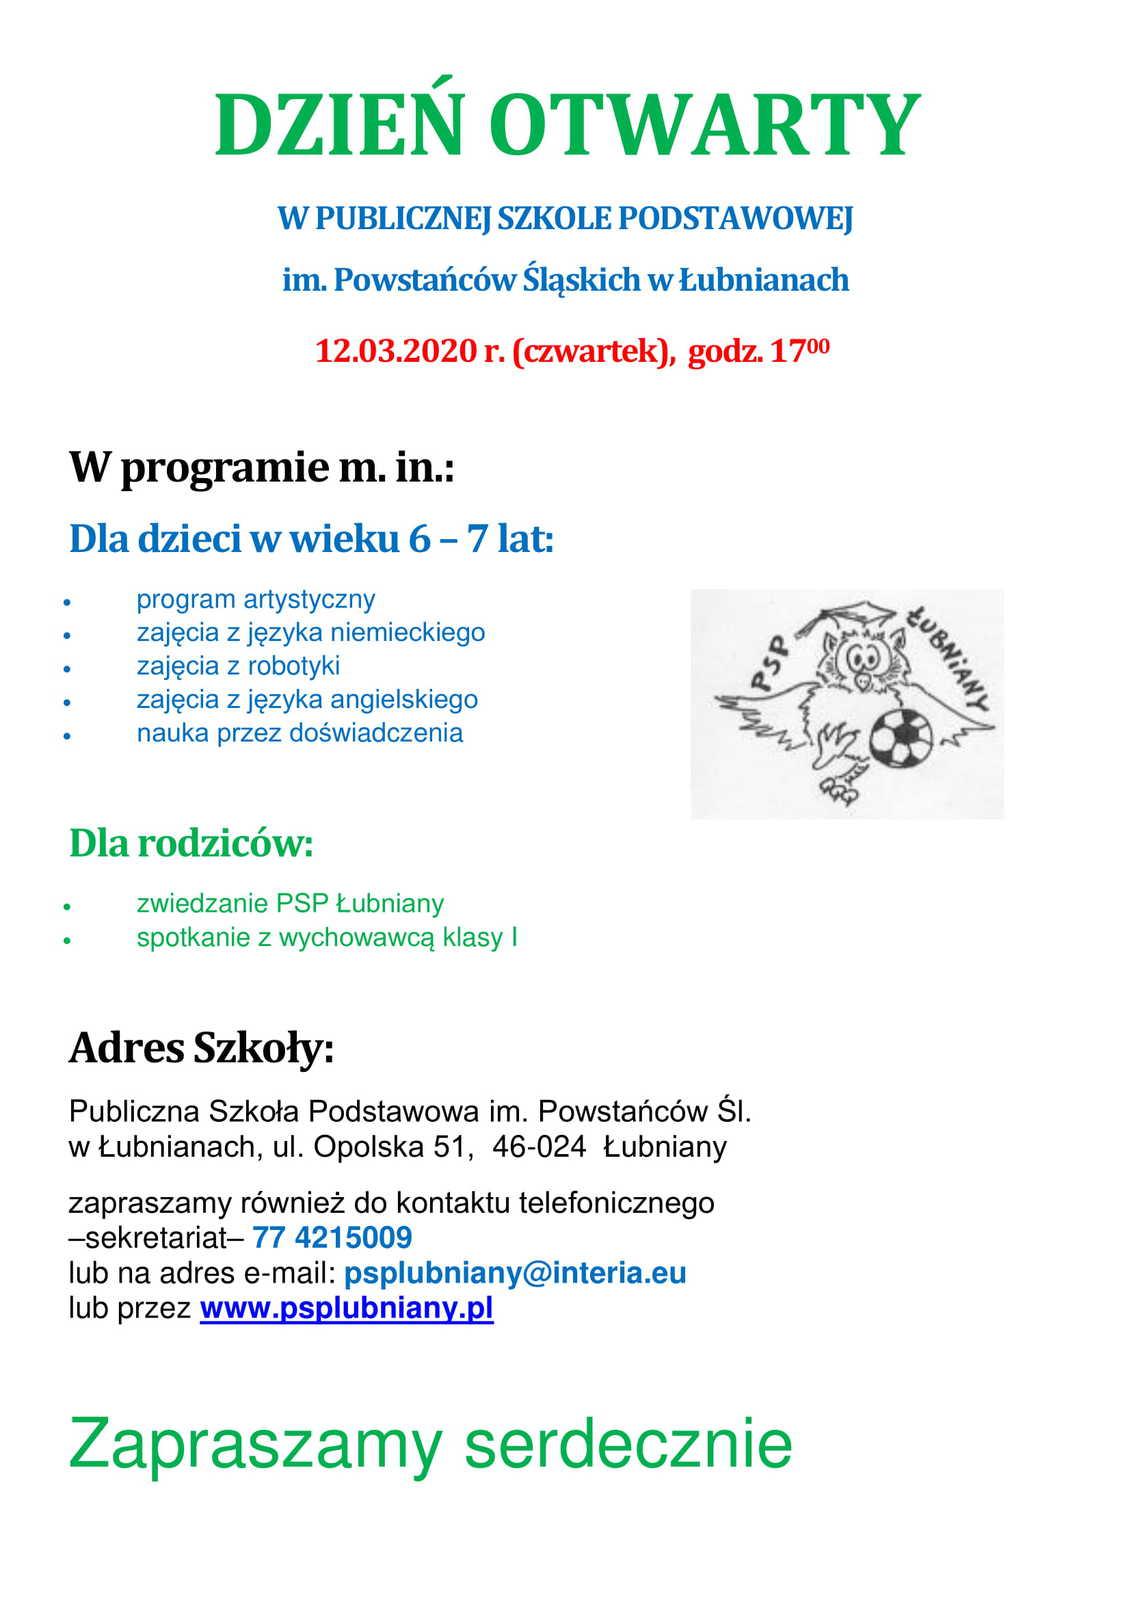 DZIEŃ OTWARTY W PUBLICZNEJ SZKOLE_PODSTAWOWEJ_Łubniany kolor-1.jpeg